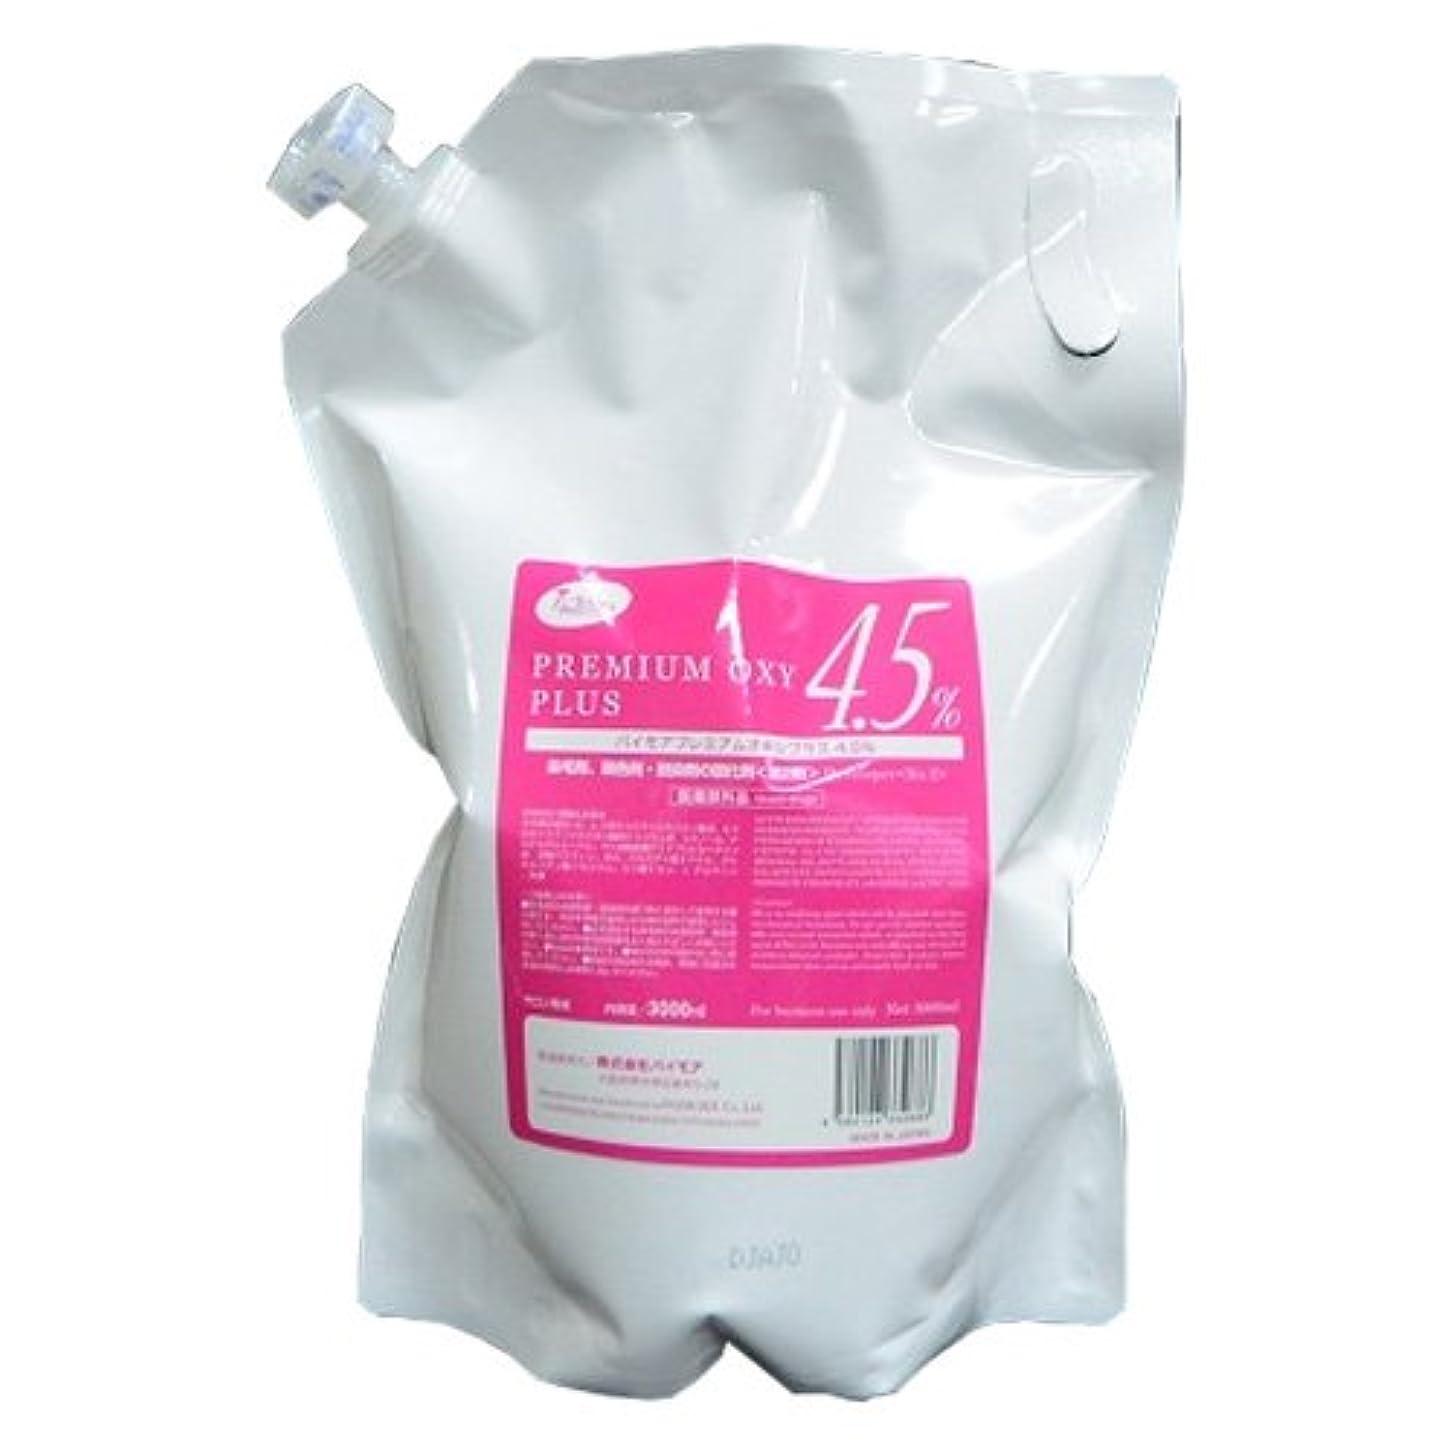 テザー血引き渡すパイモア プレミアムオキシプラス 4.5%(レフィルタイプ) 3000ml [医薬部外品]